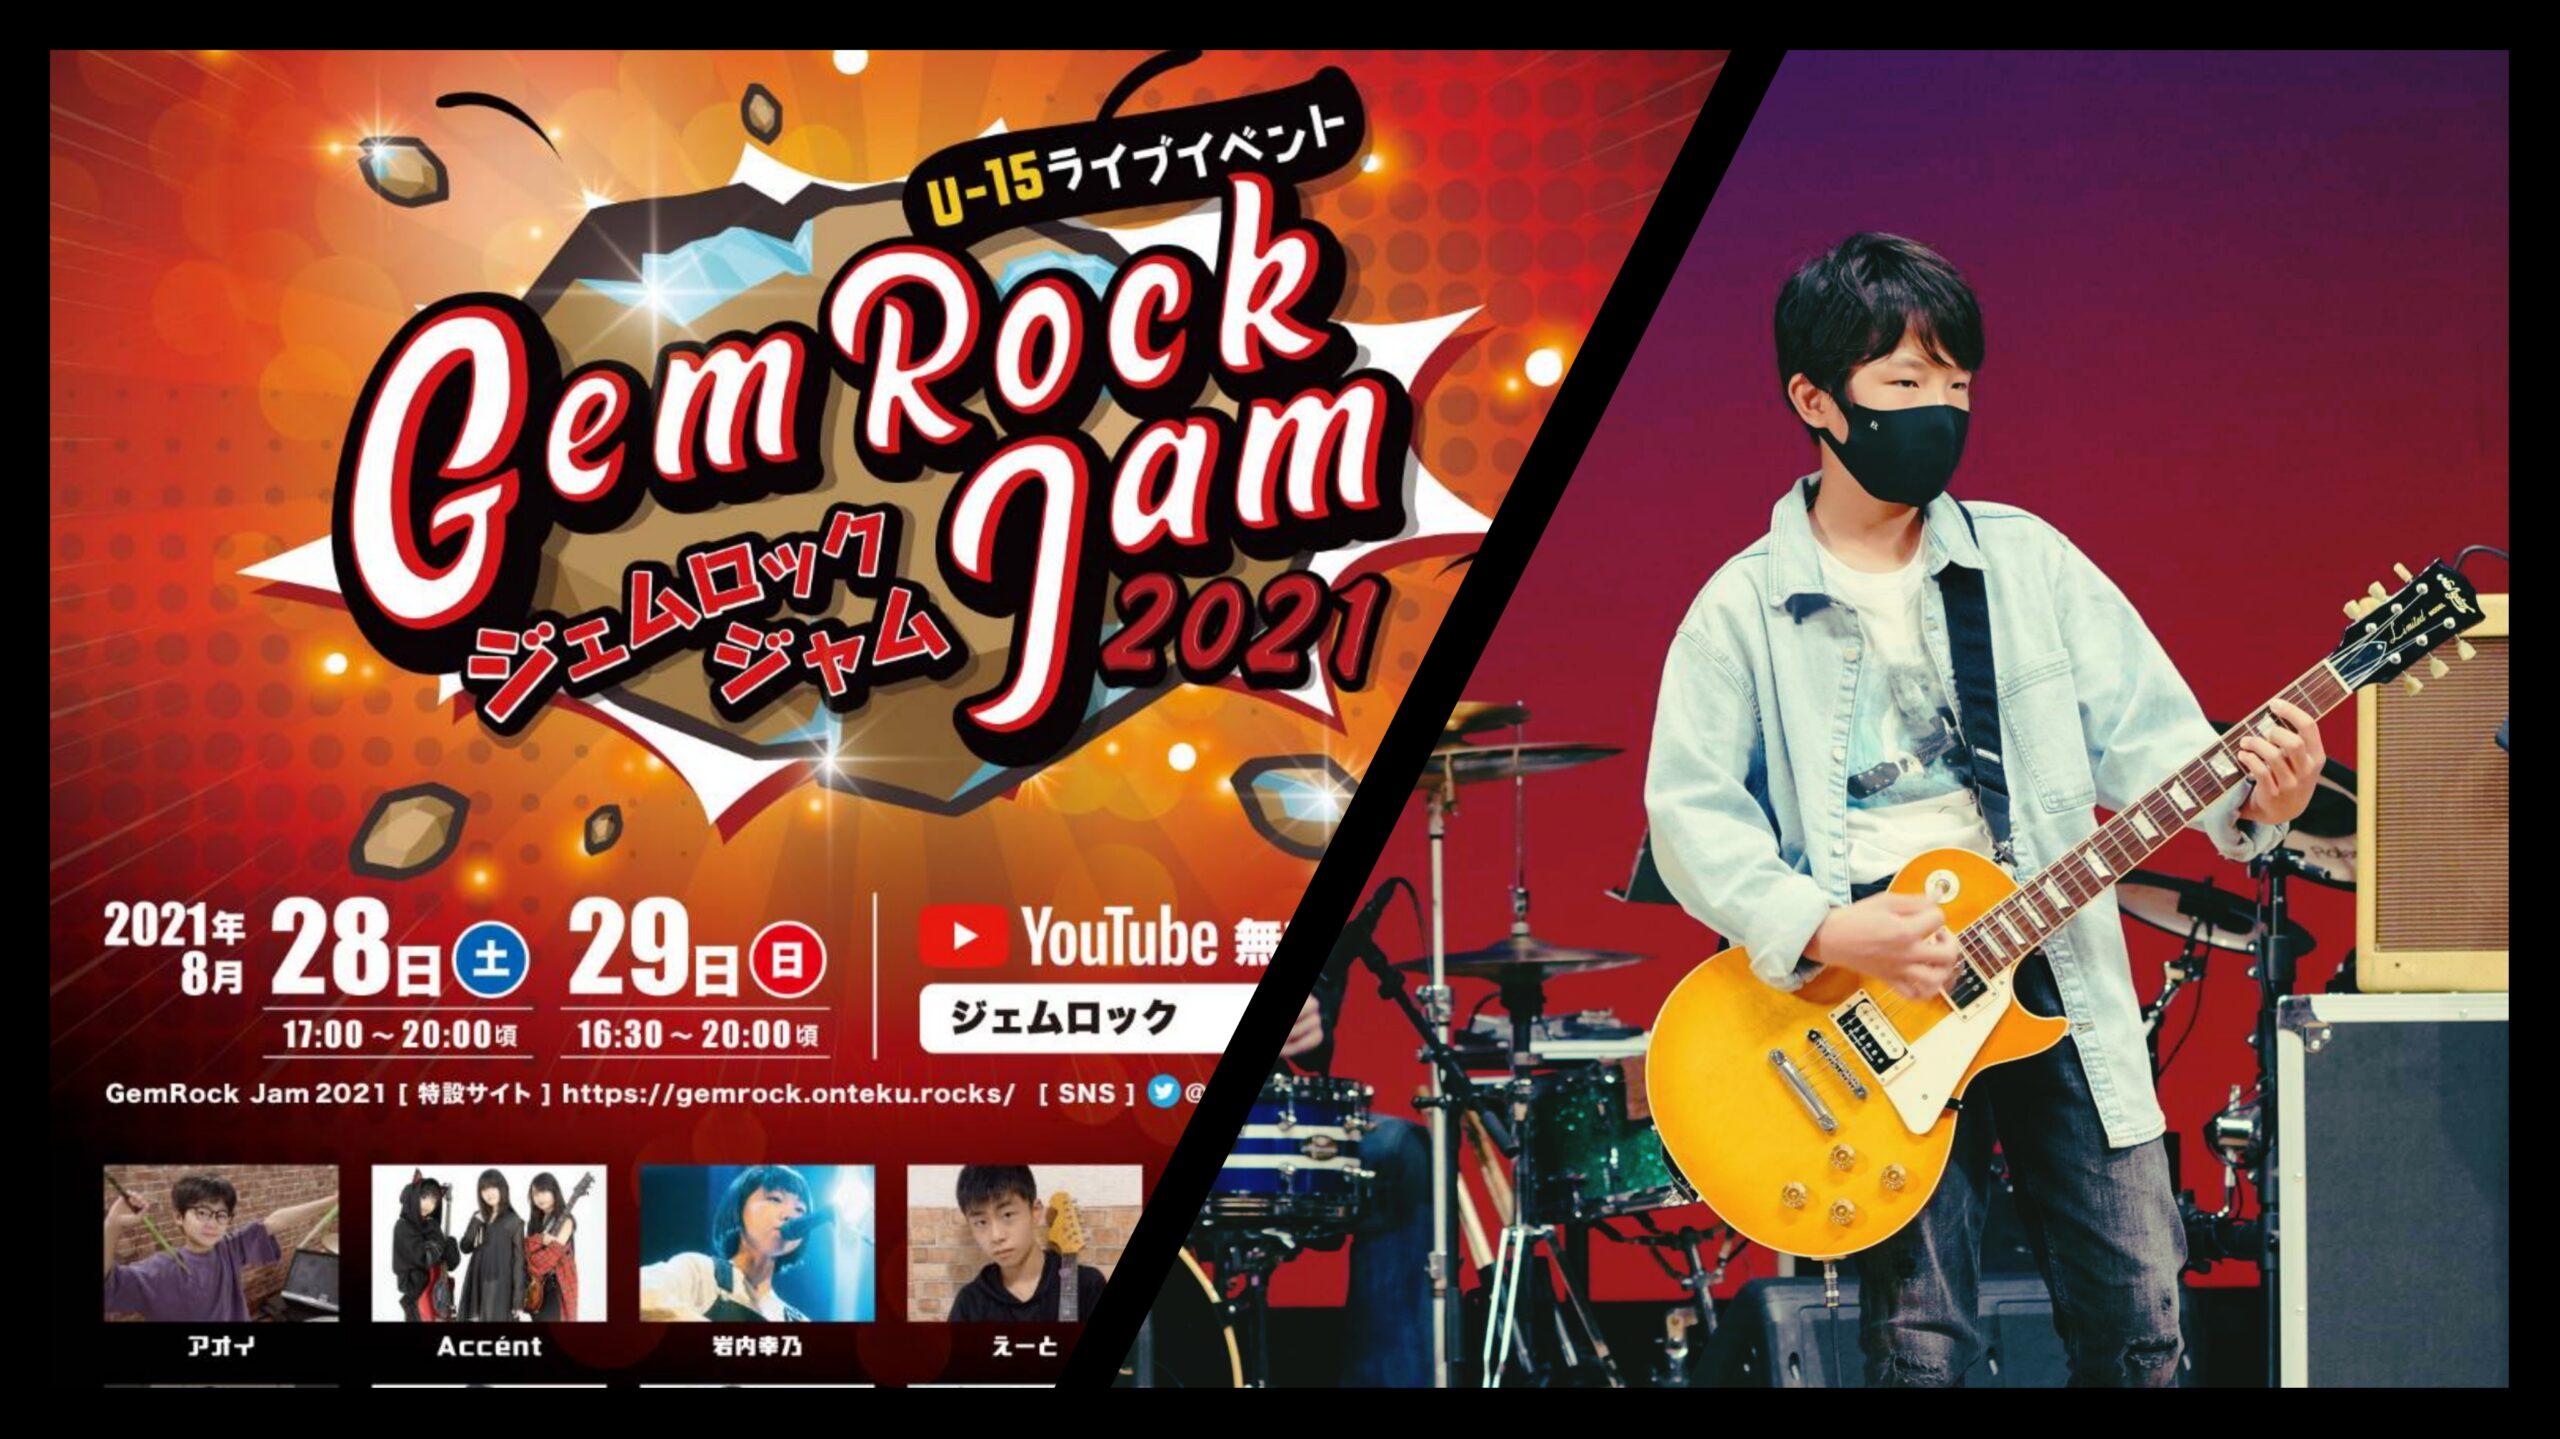 【生徒さん出演情報】U-15ライブイベント GemRock Jam2021